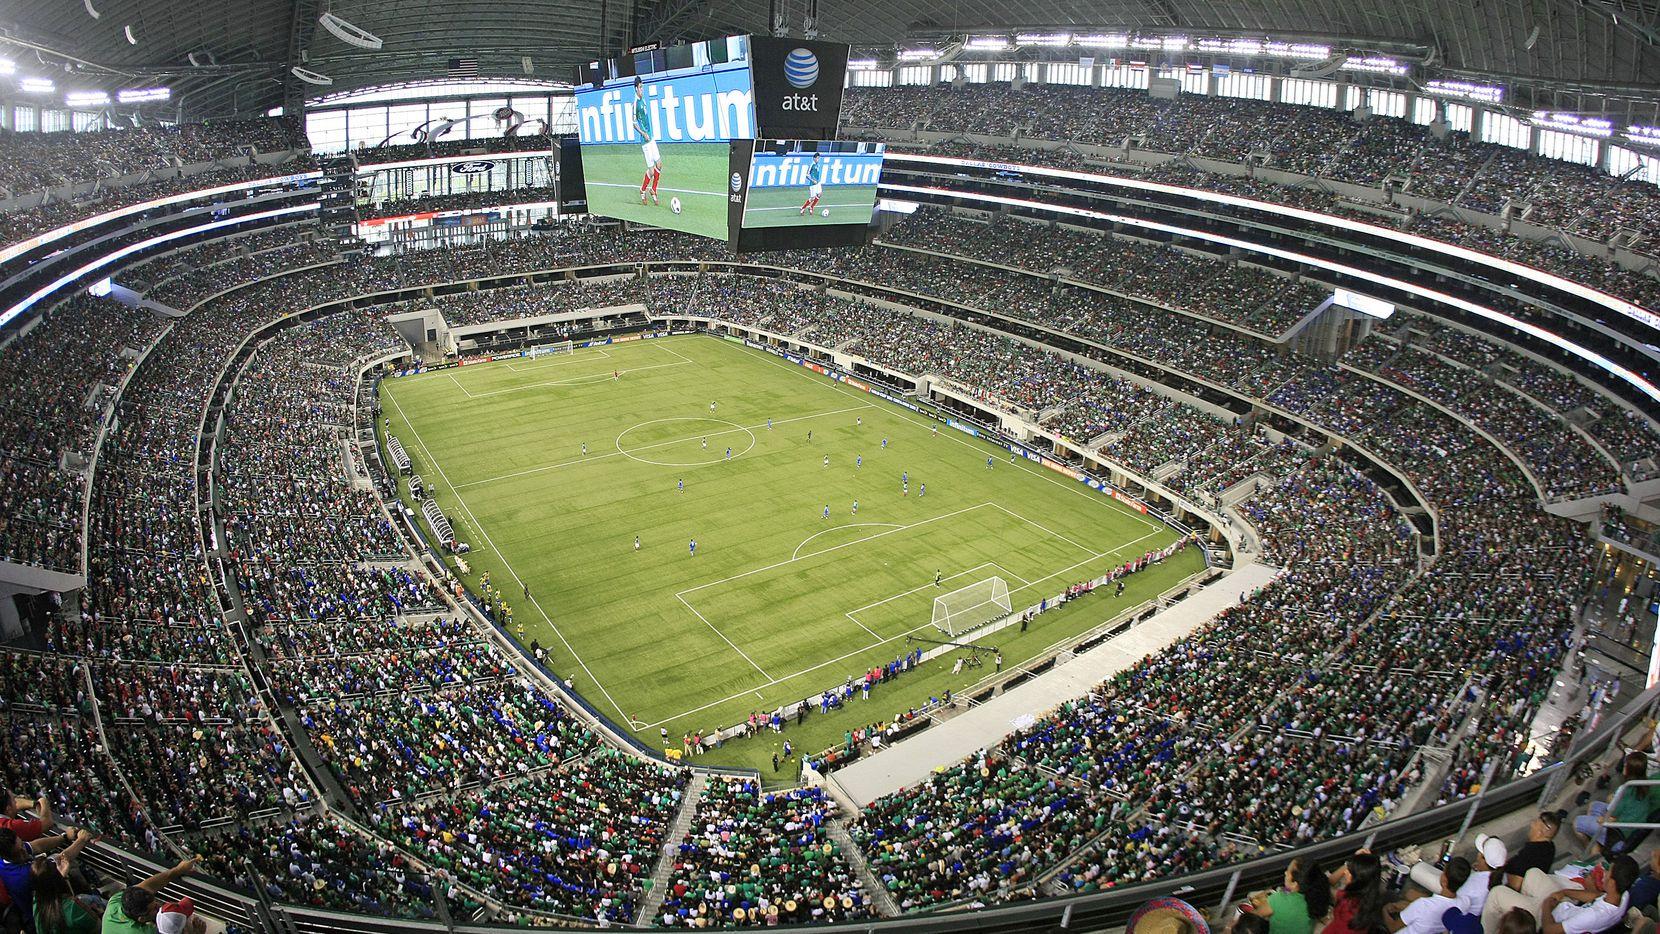 El AT&T Stadium es un fuerte contendiente para albergar un partido inaugural, una semifinal o una final de un Mundial, para la edición de 2026.